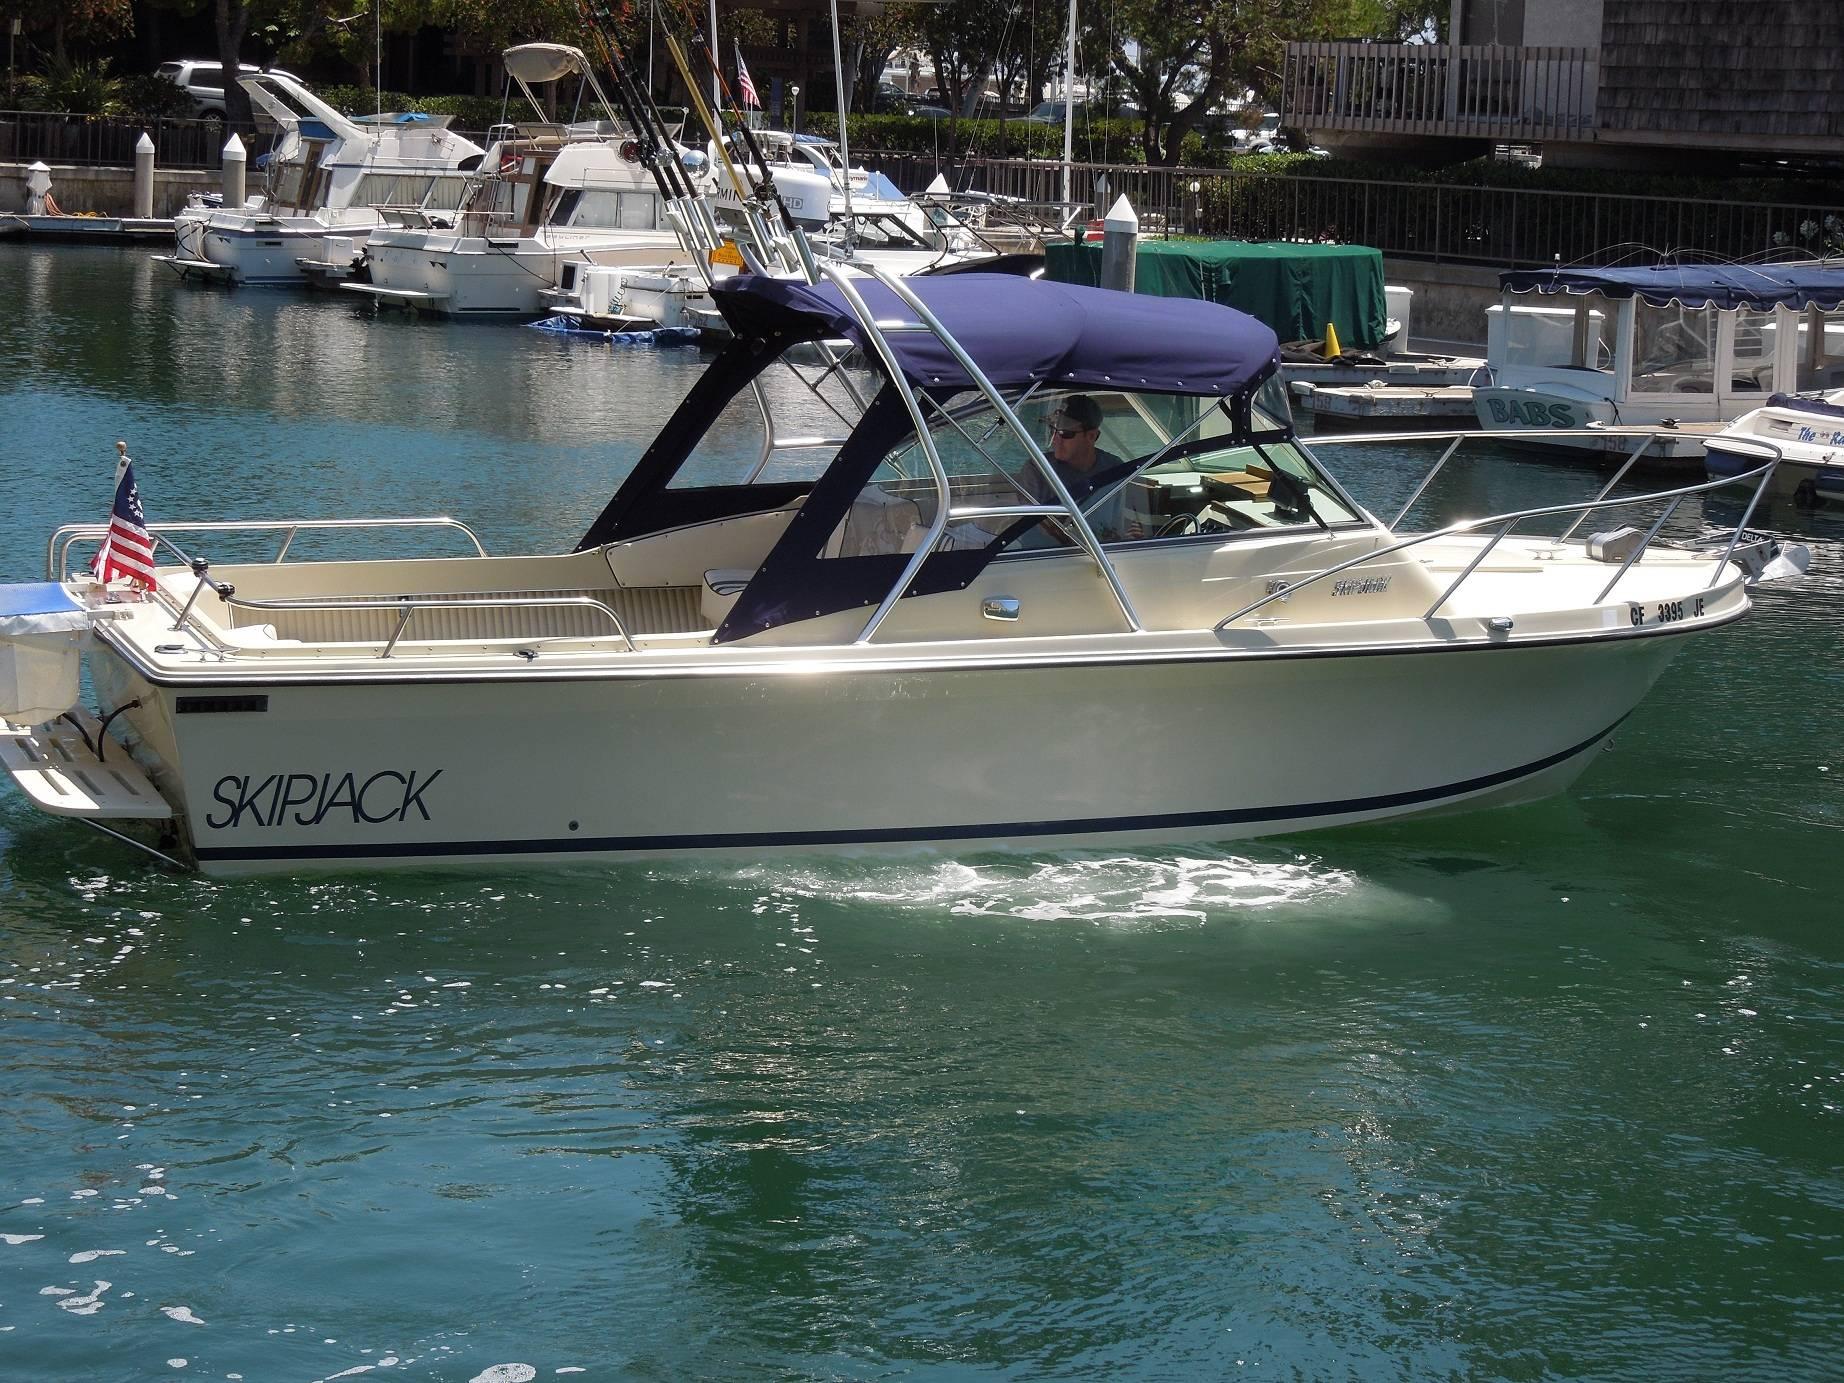 SkipJack Boats Decal